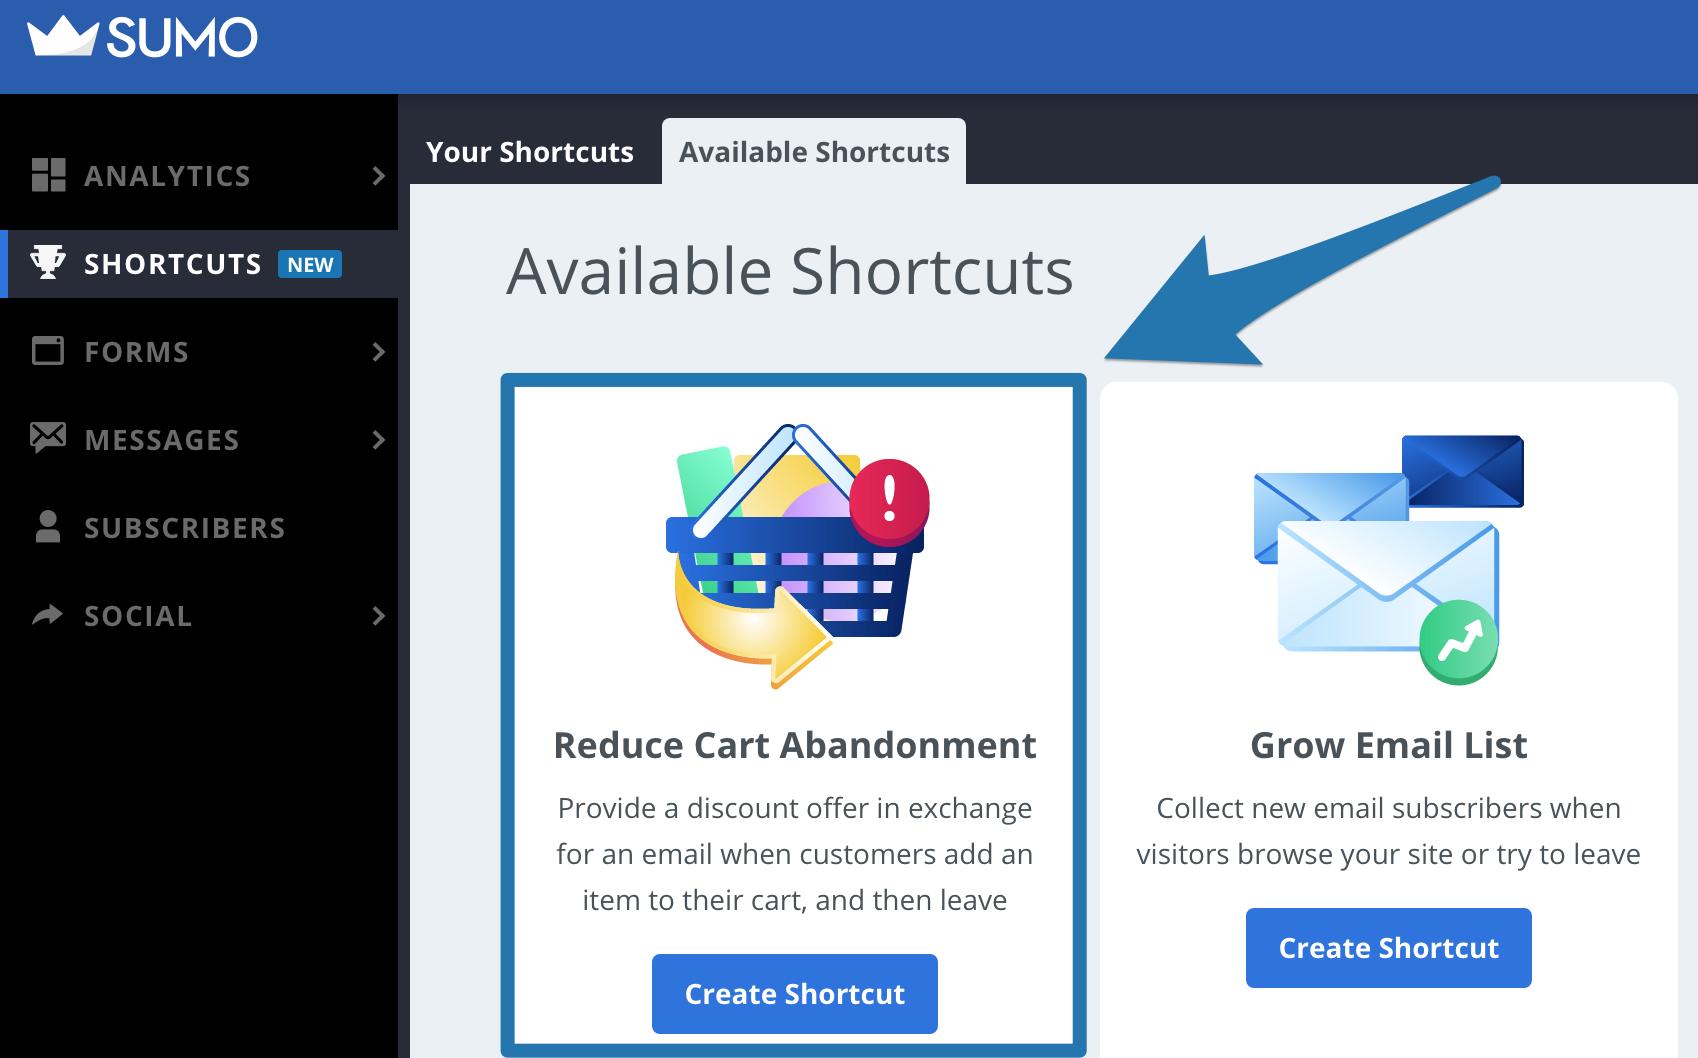 Screenshot of the Sumo Shortcuts dashboard